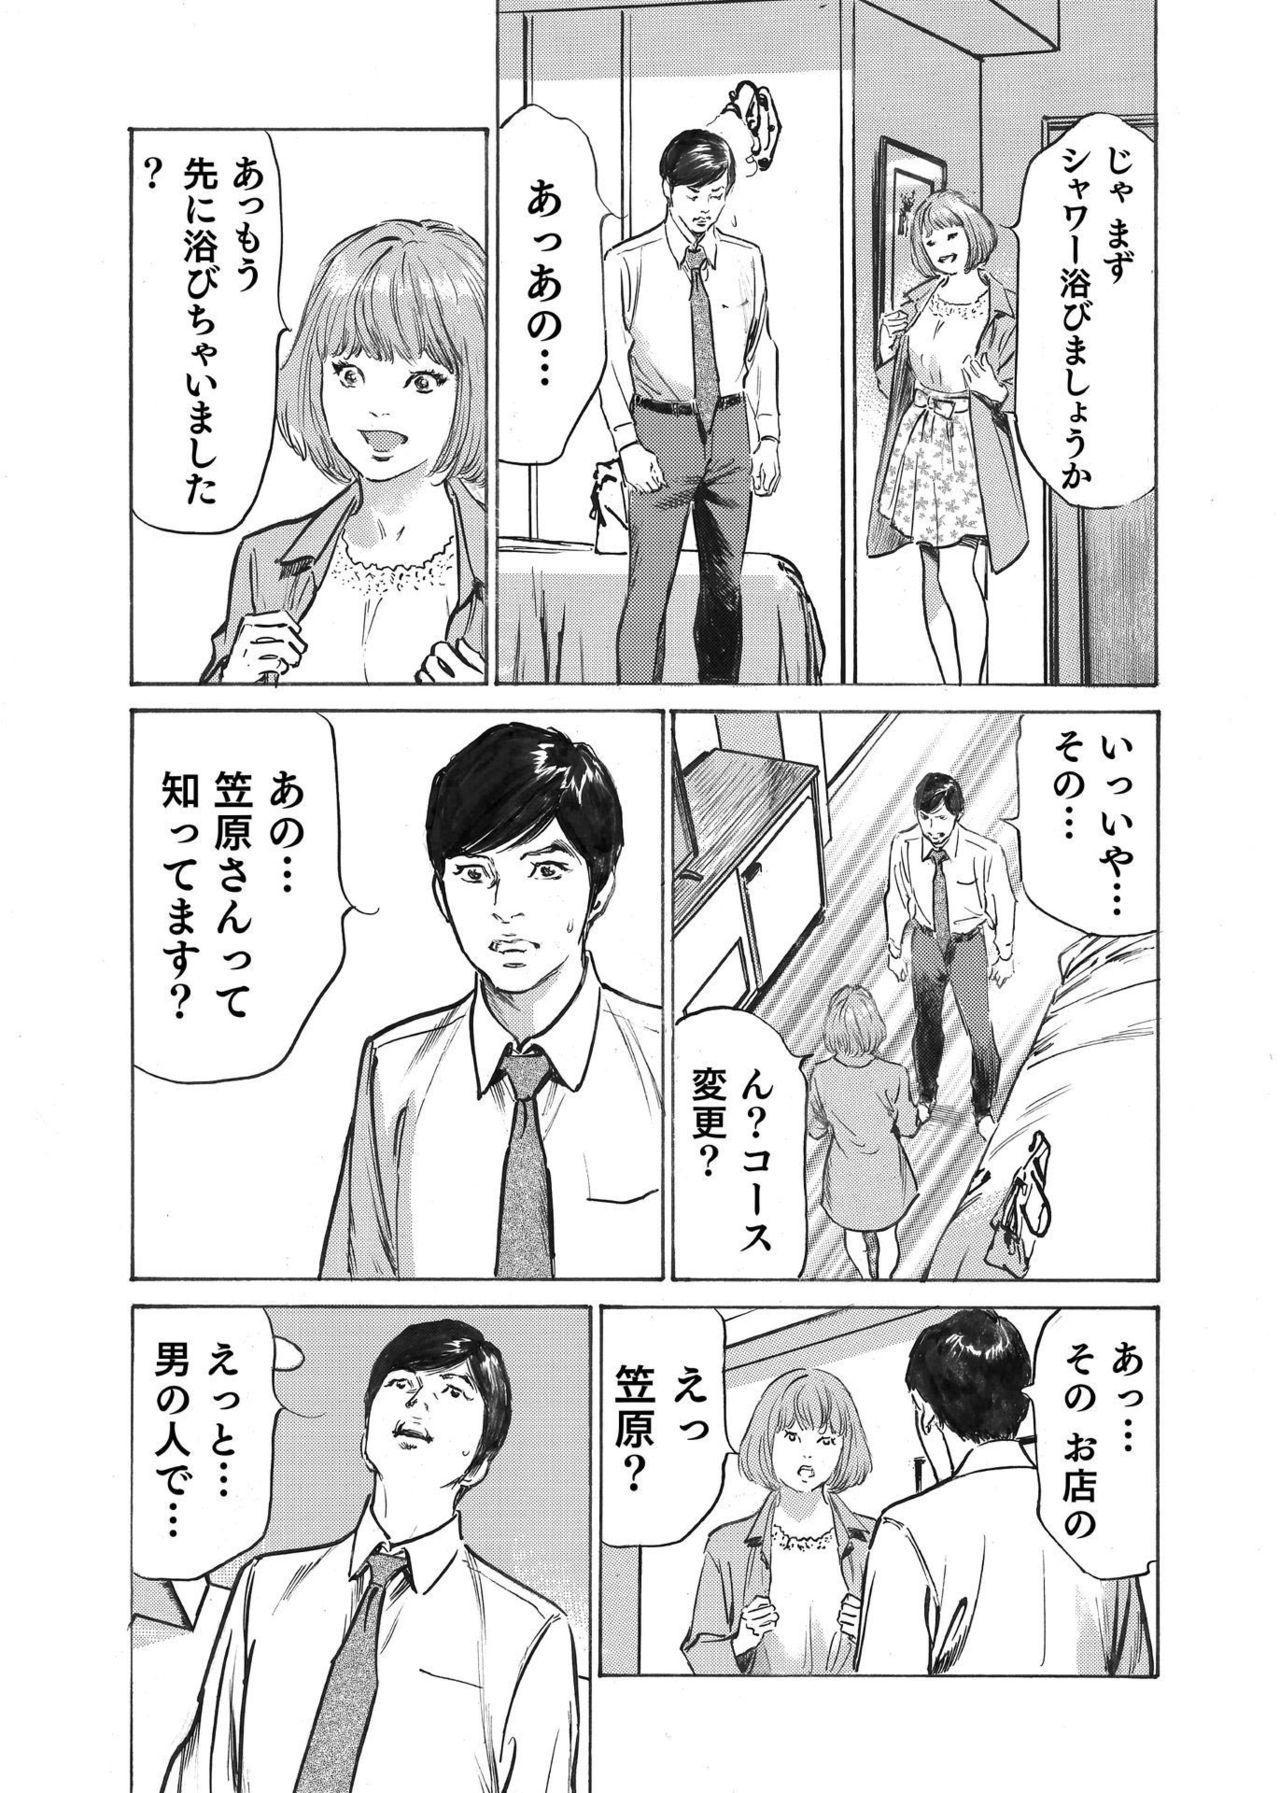 Ore wa Tsuma no Koto o Yoku Shiranai 1-9 111